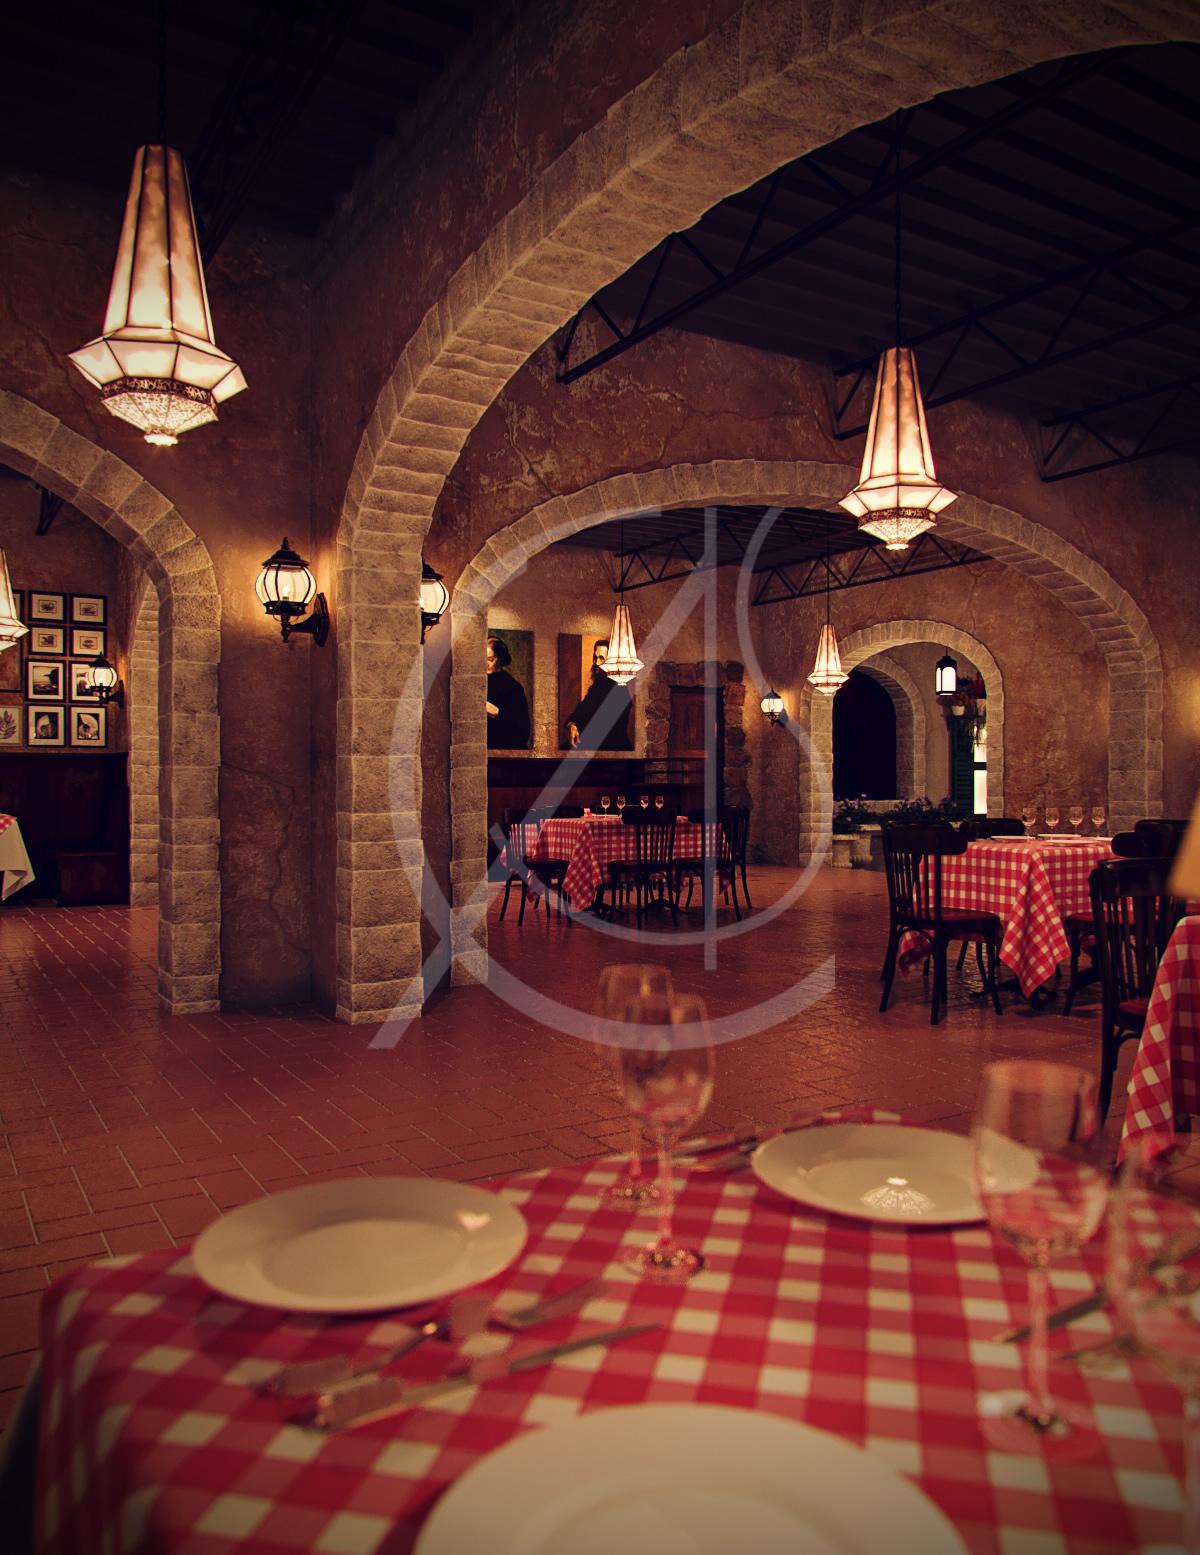 Venezia Italian Restaurant Interior Design Comelite Architecture Structure And Interior Design Archello